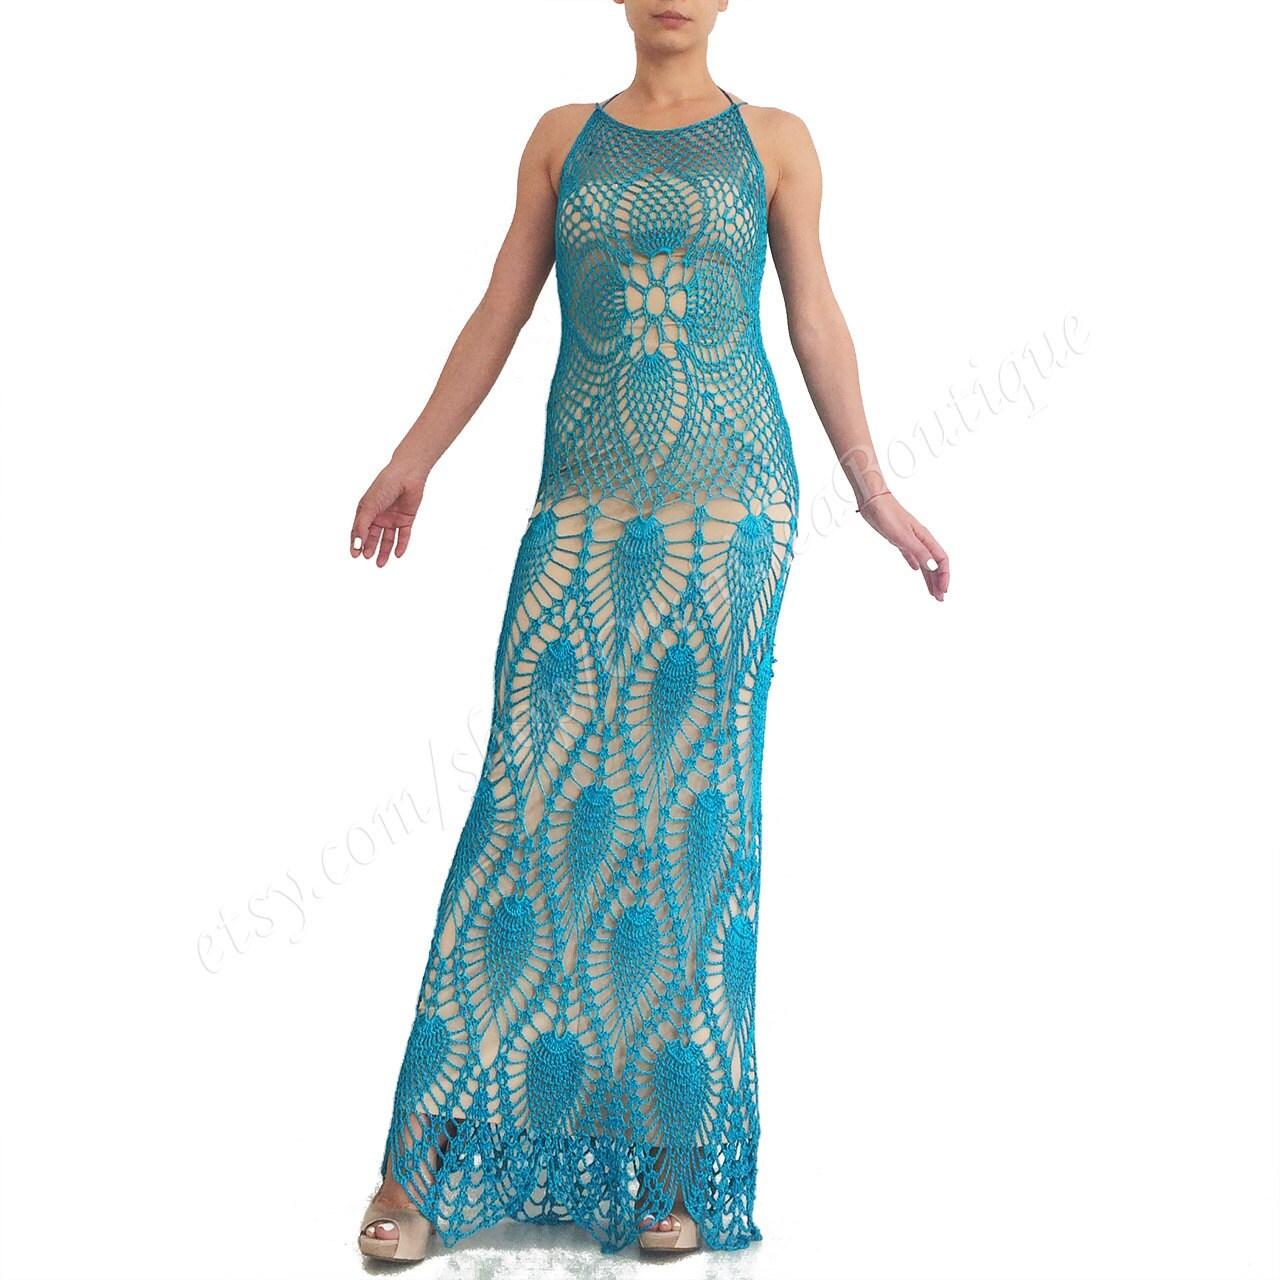 Crochet maxi dress Evening dress Beach dress Bohemian